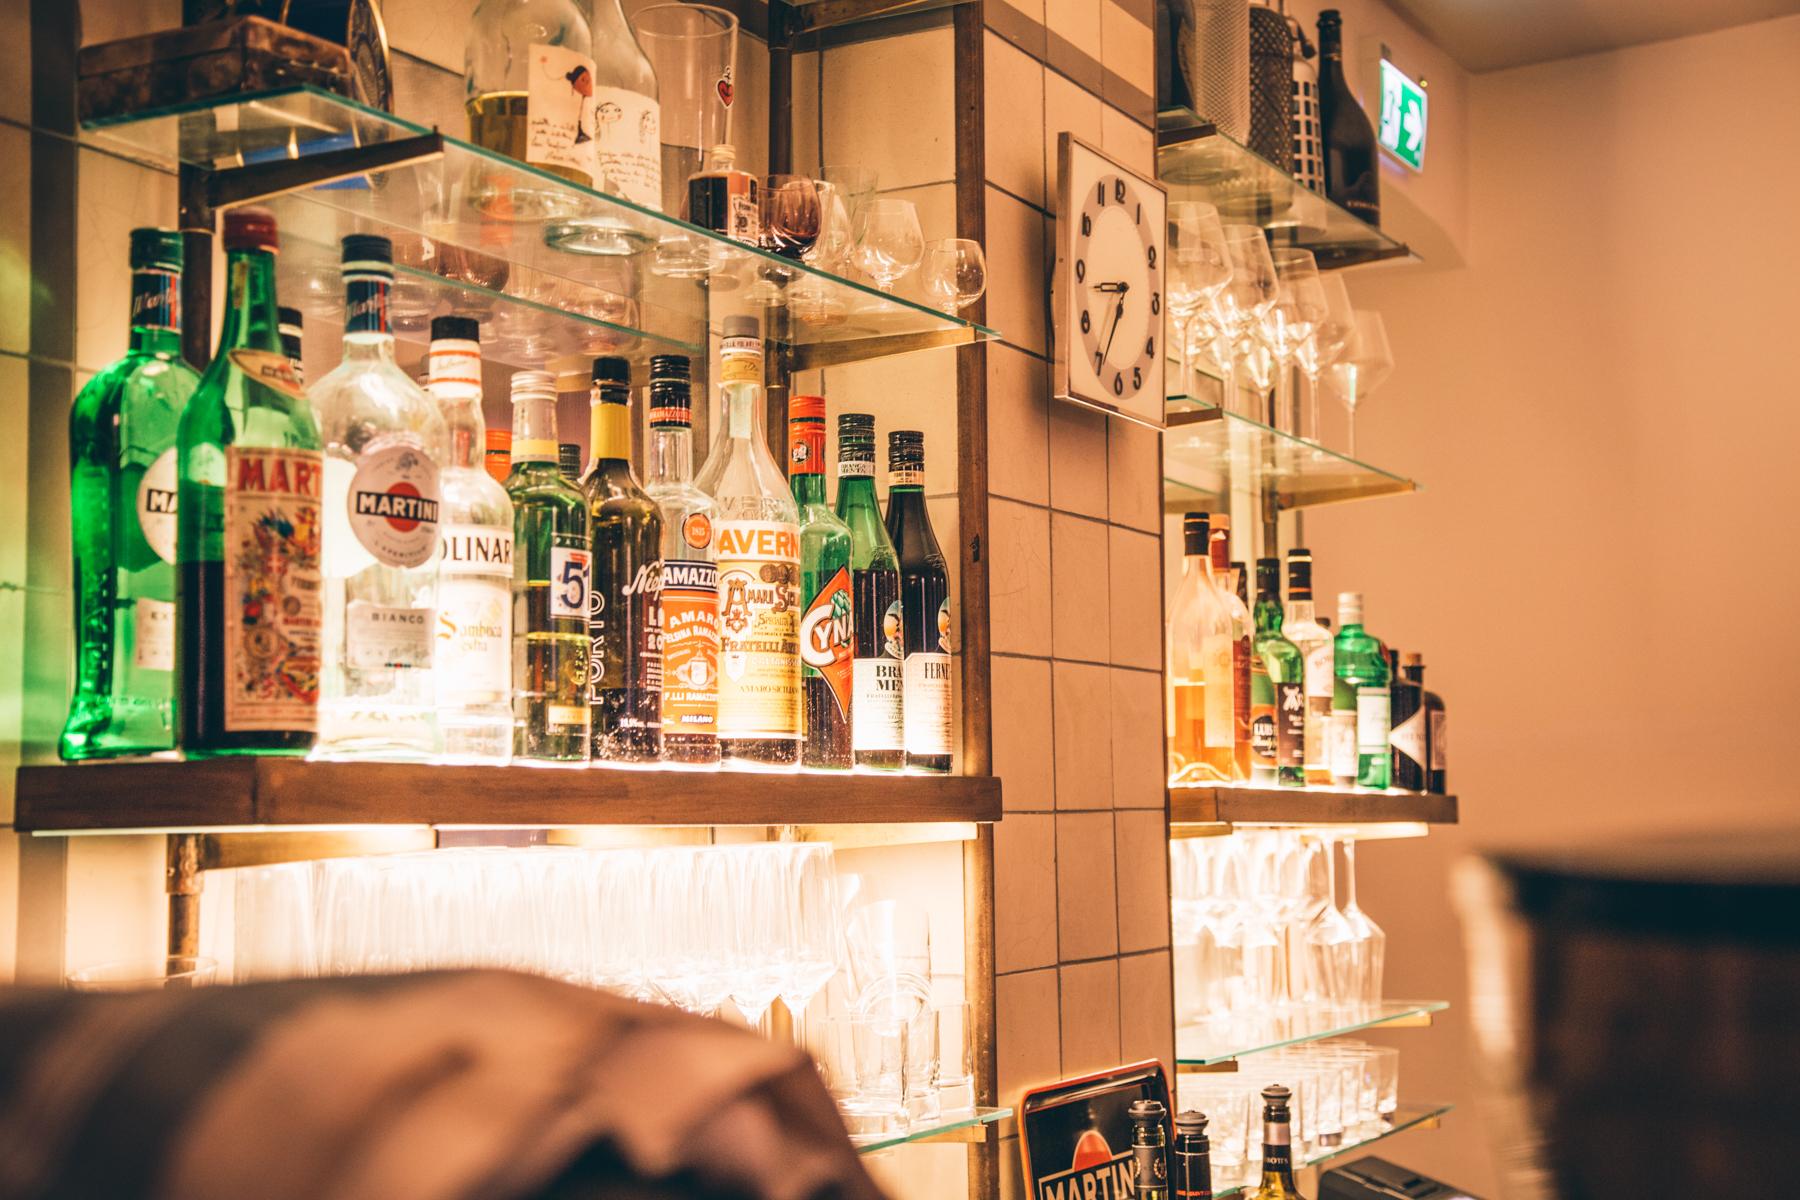 Geheimtipp Muenchen MaraisSoire Franzoesiches Restaurant 16 von 33 – ©wunderland media GmbH